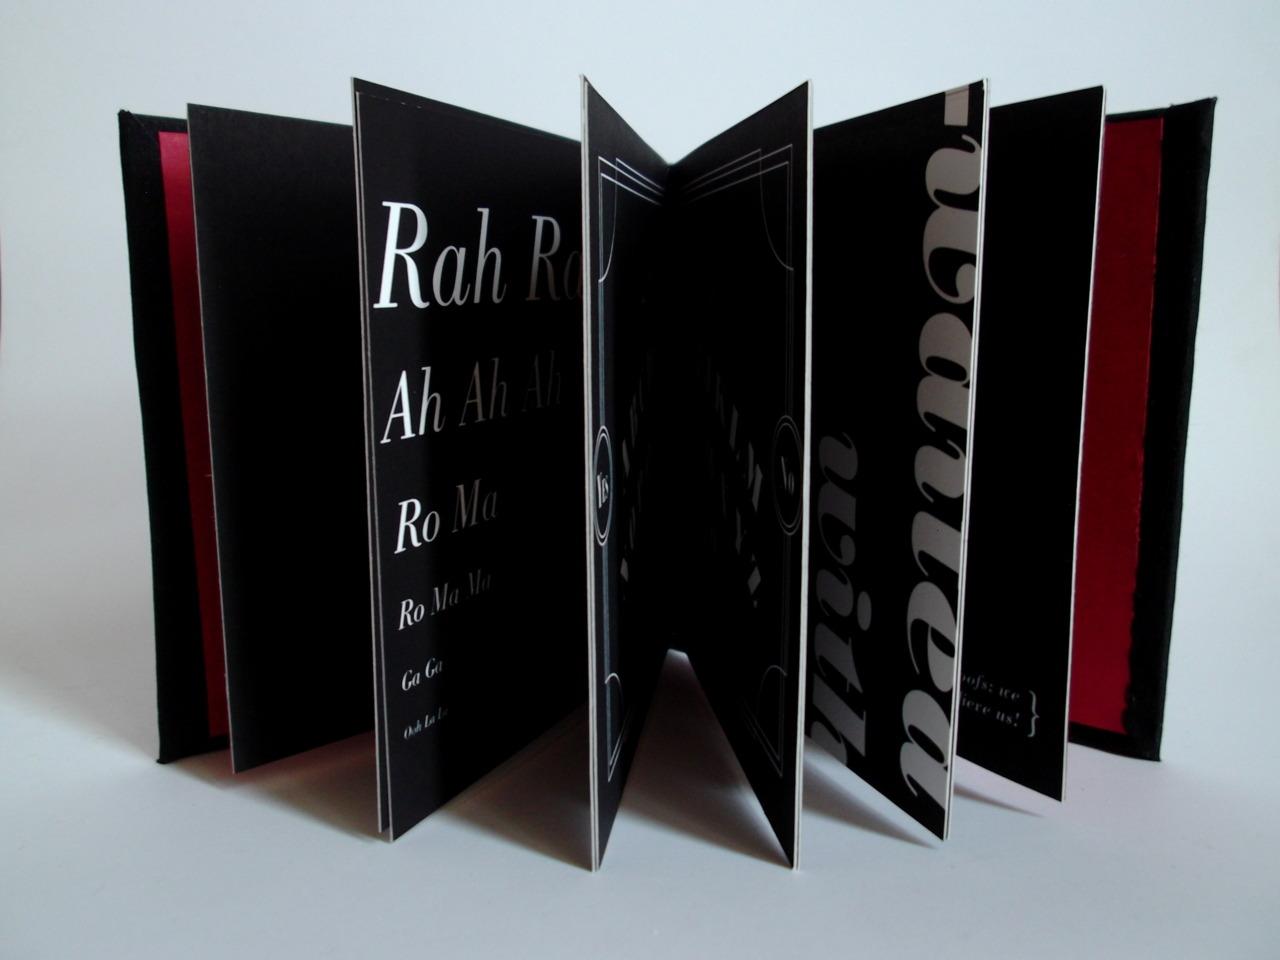 Type specimen book - Bodoni